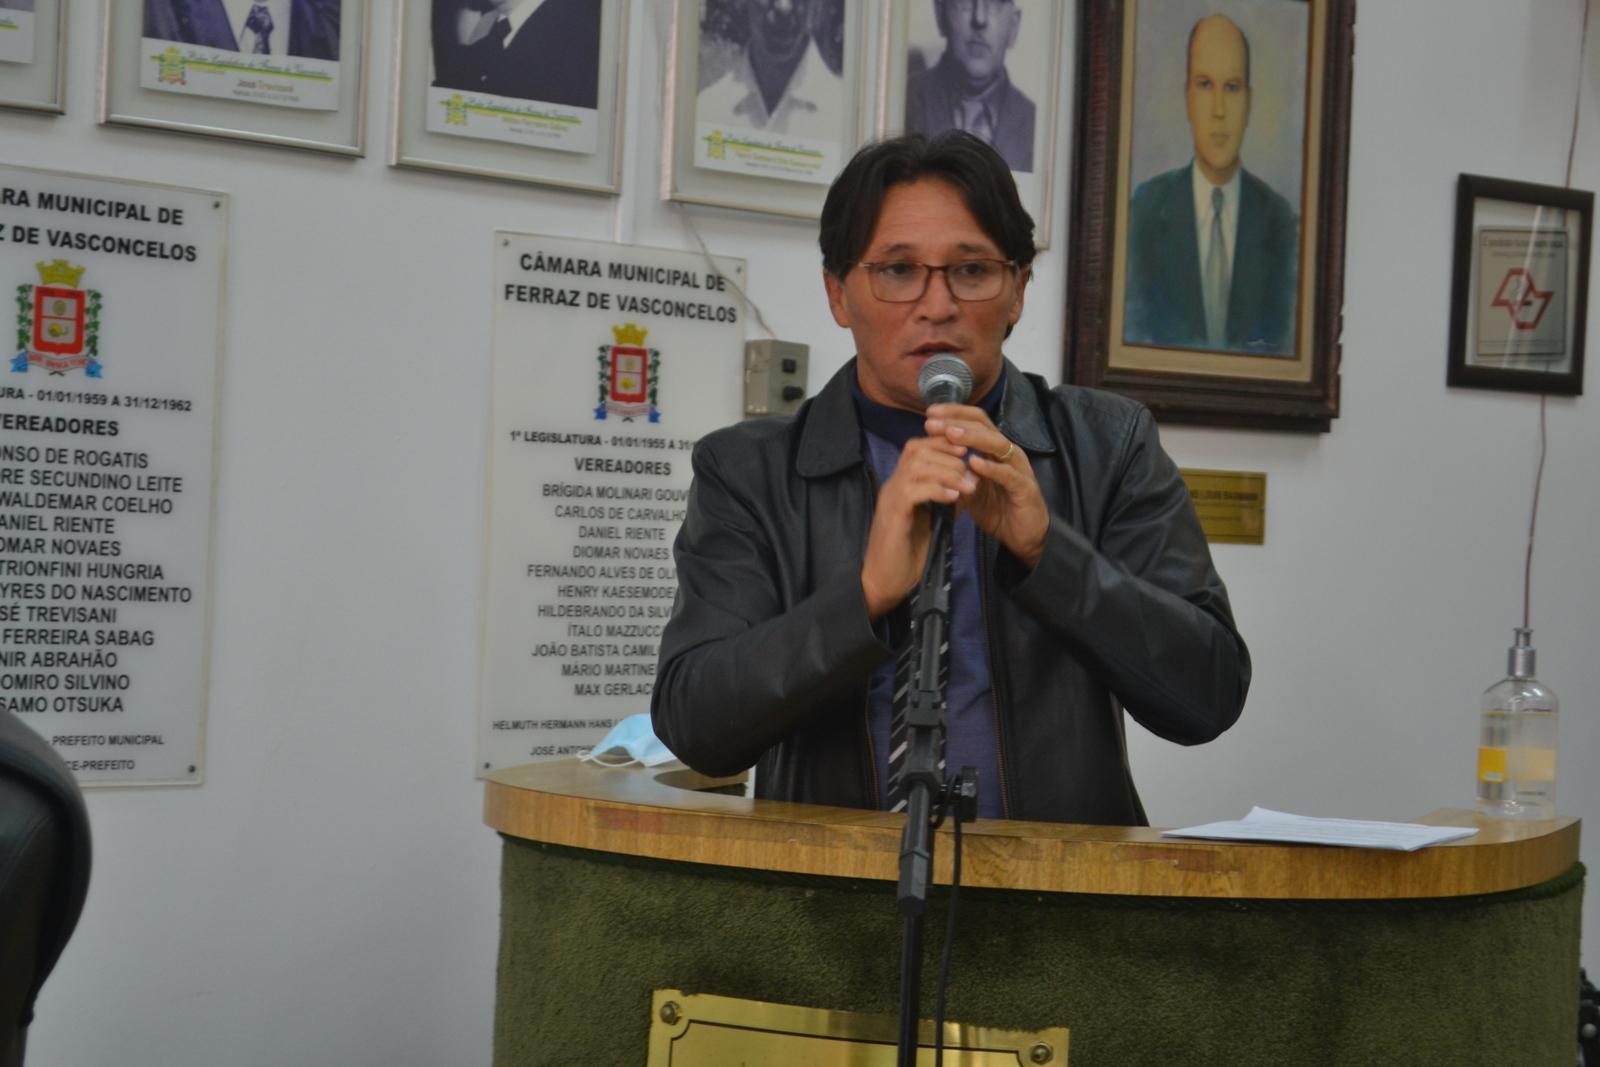 Para aliviar sofrimento, Fabinho propõe a criação da anistia de juros e multas atrasados